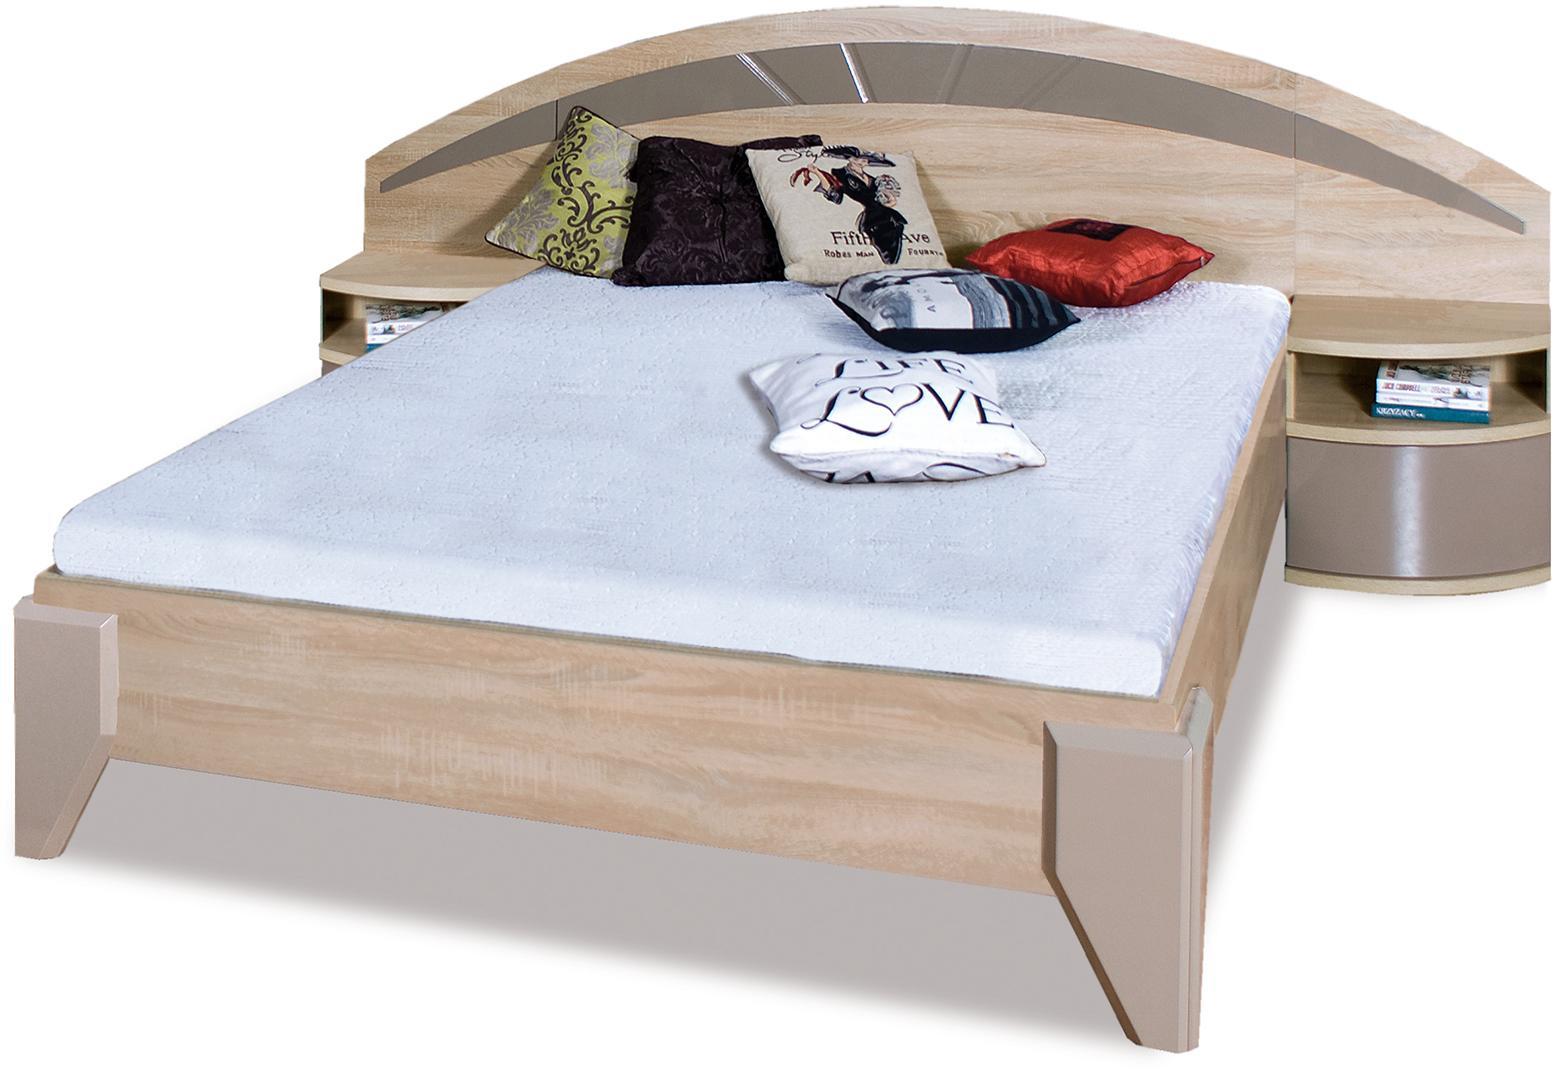 ROME manželská posteľ DL2-1 sonoma + cappuccino lesk